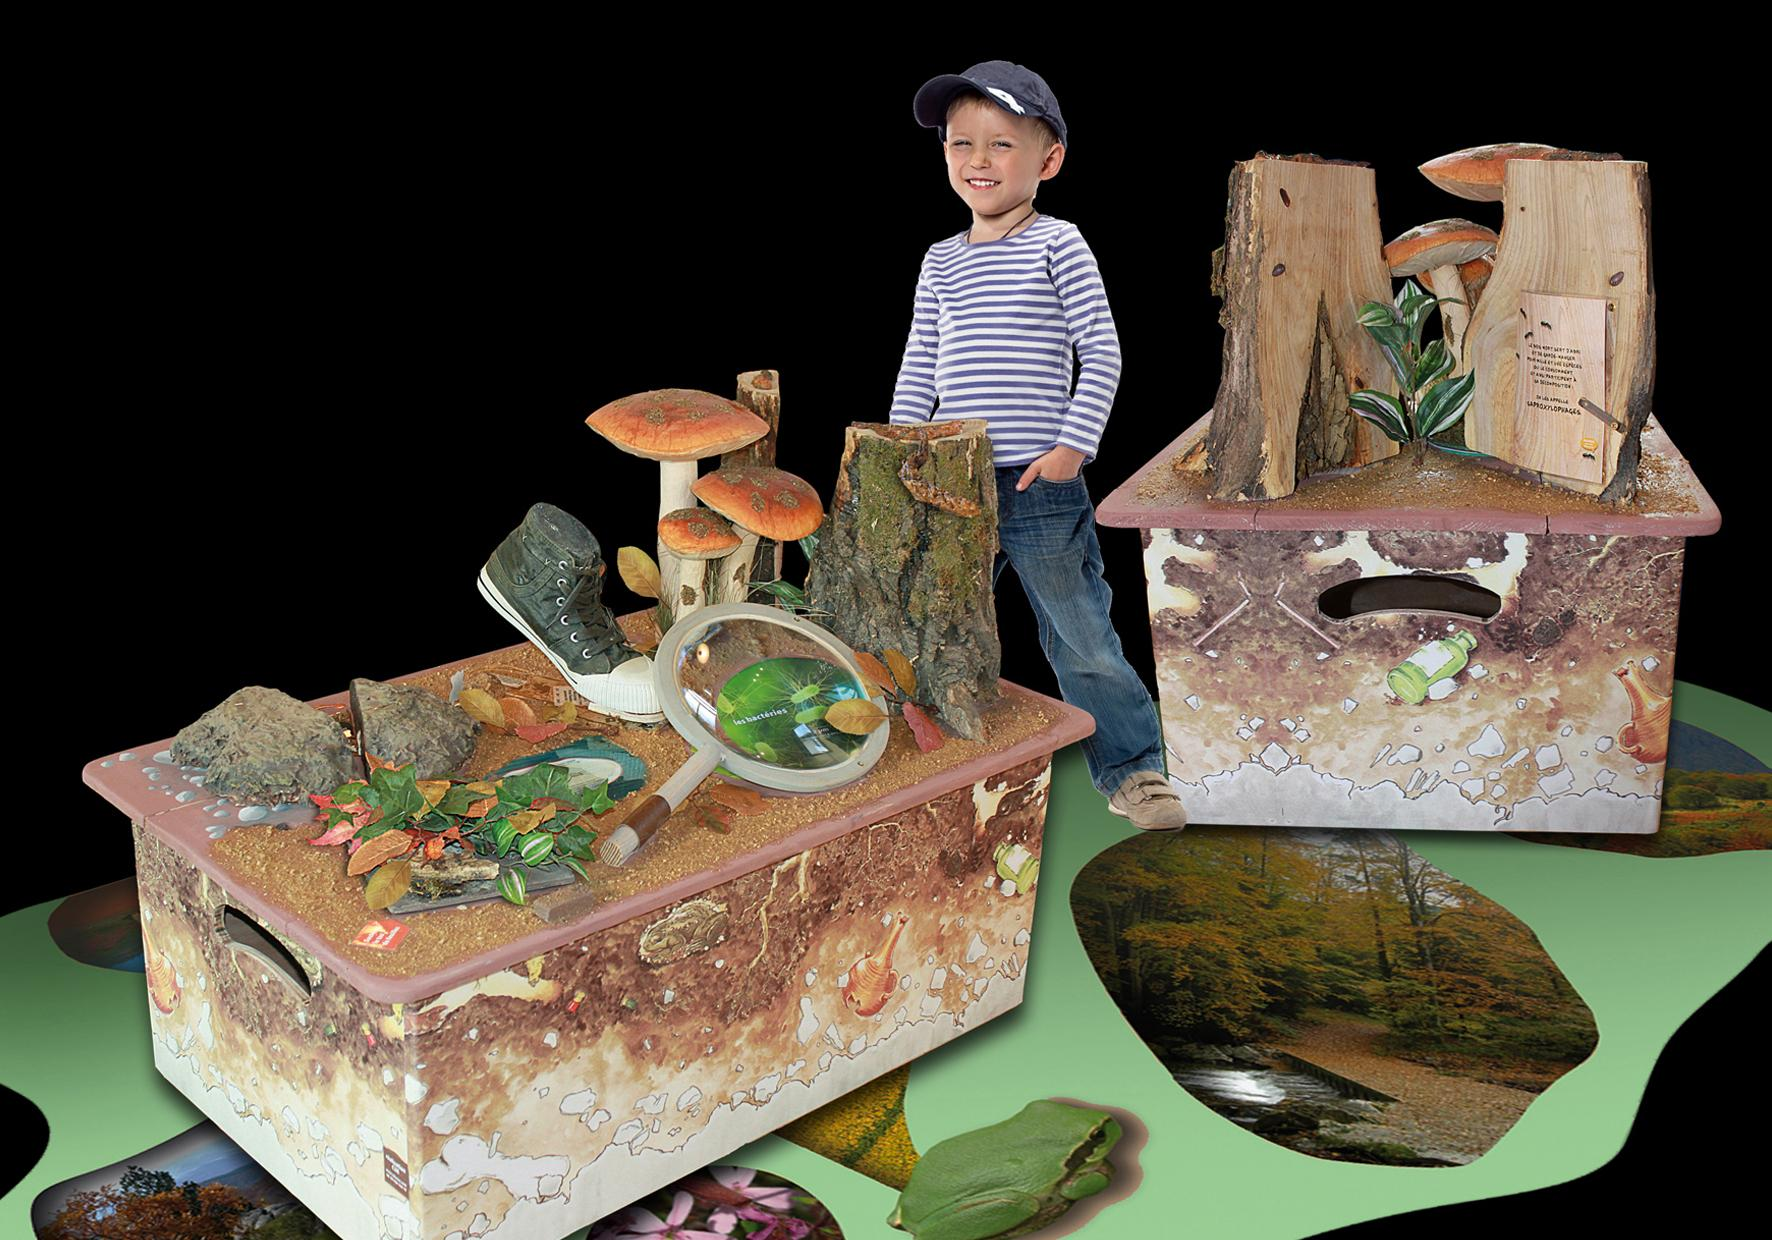 Exposition itinérante pédagogique sur la biodiversité en forêt CPIE